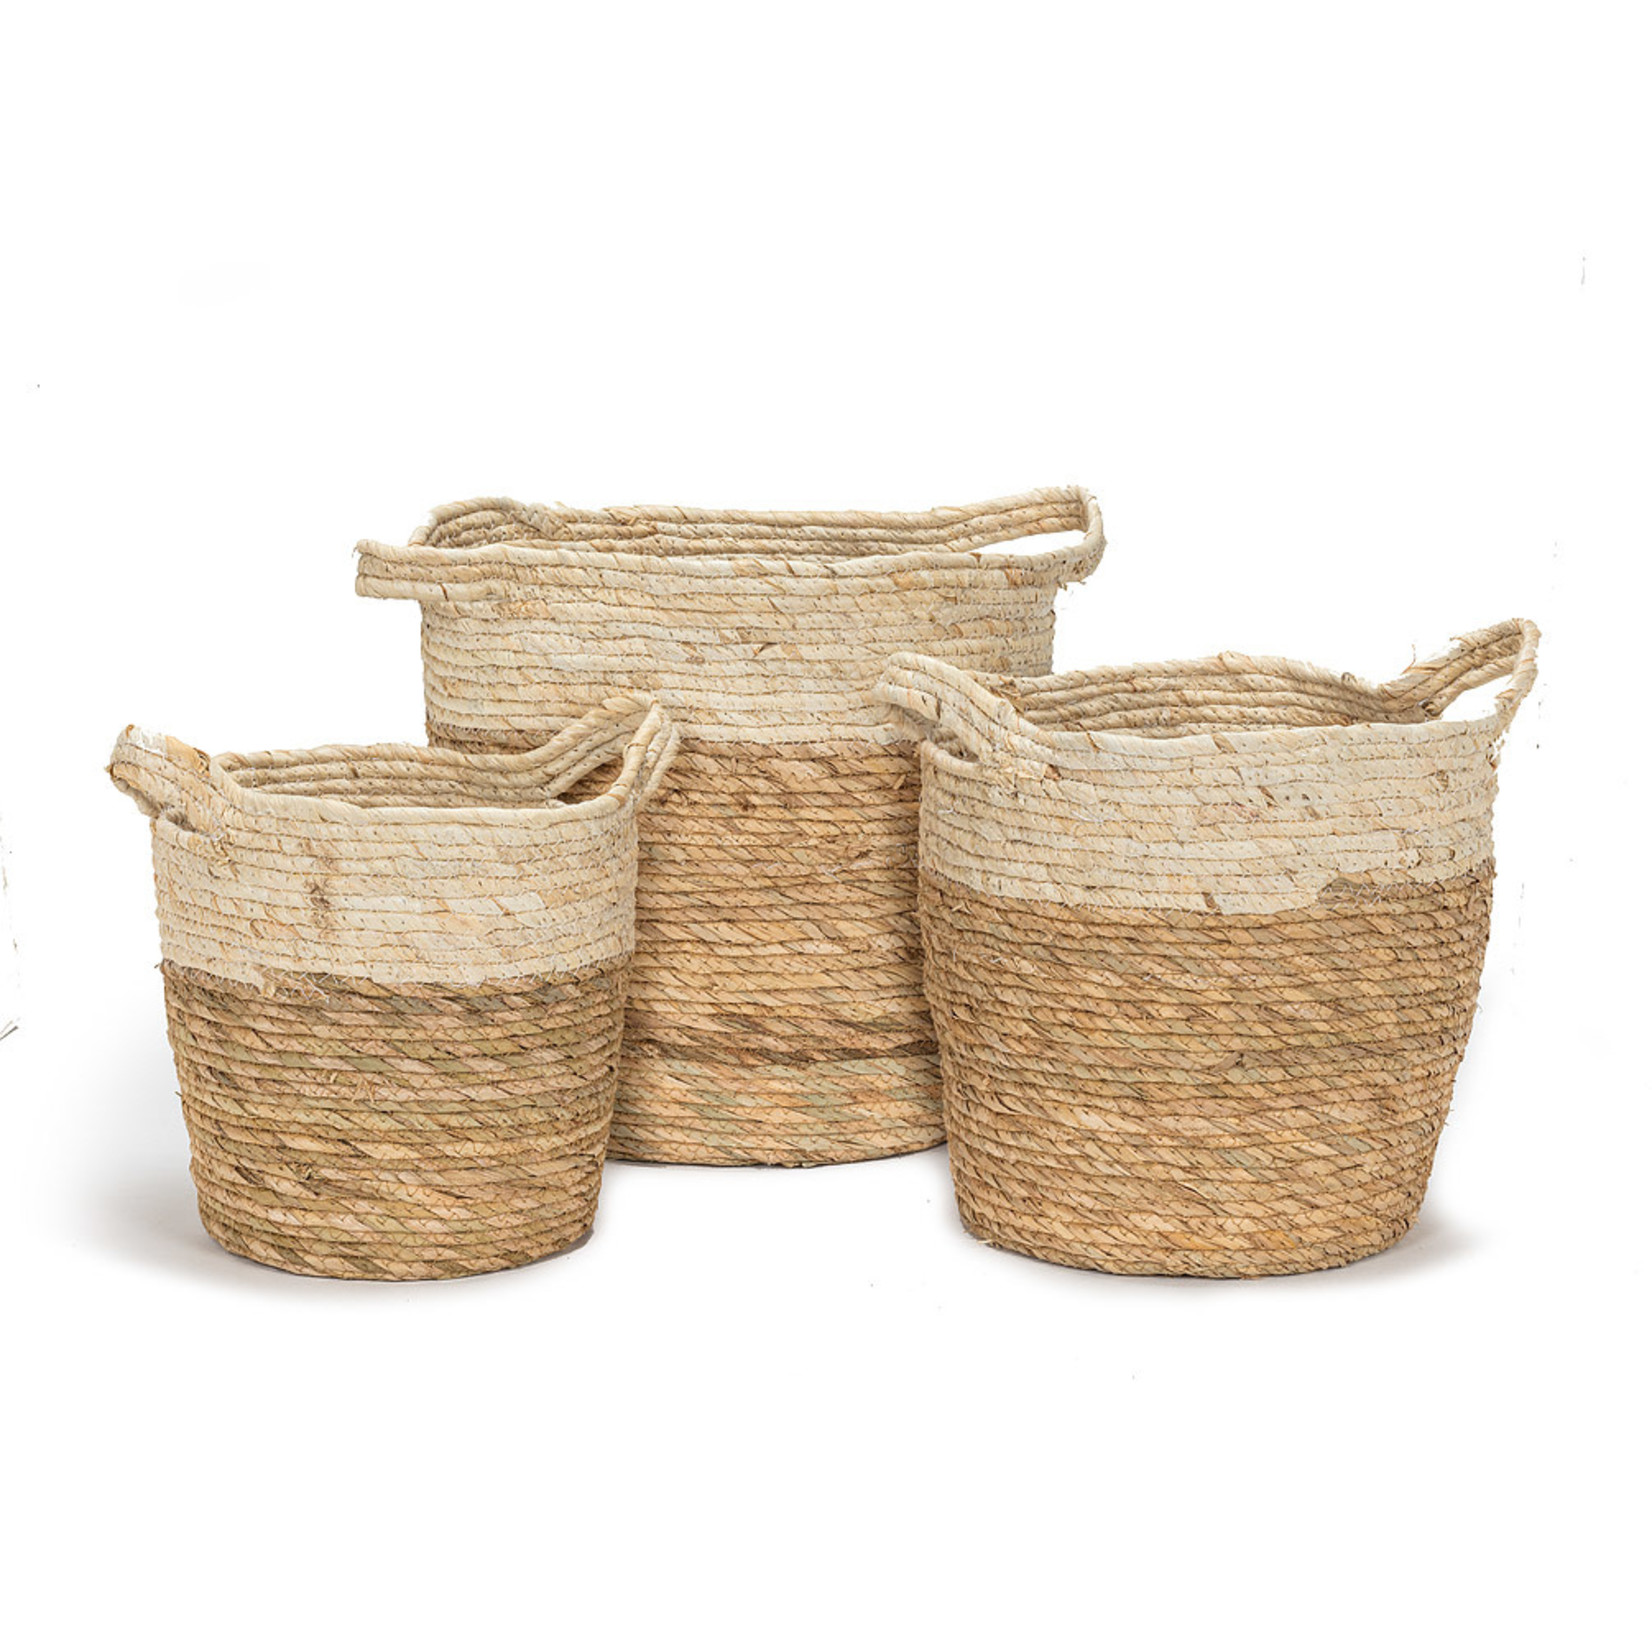 Abbott Abbott Large Handled Basket Natural